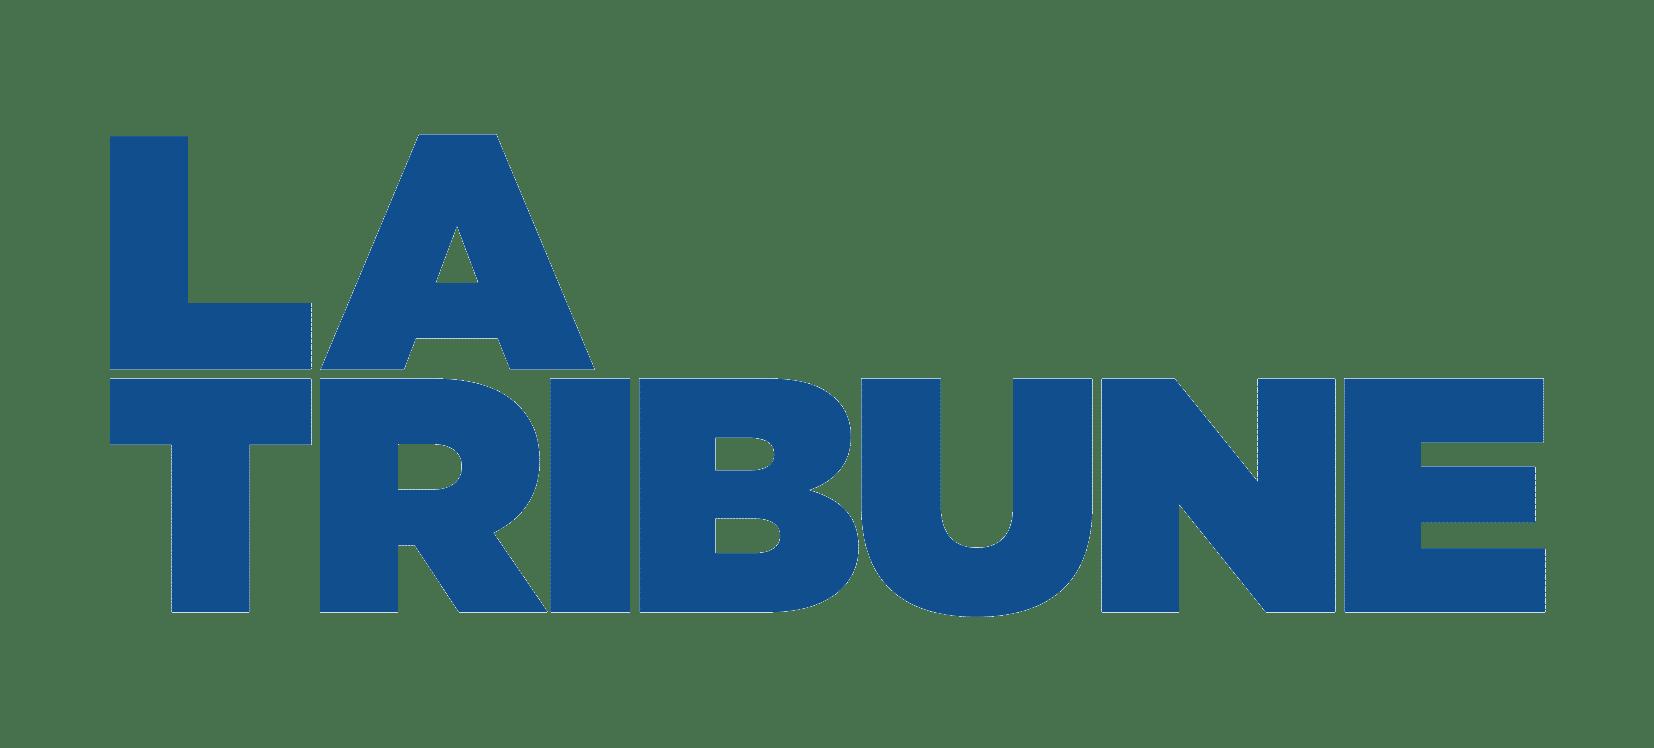 Fundtruck Saison 7 : un soutien pour les entrepreneurs